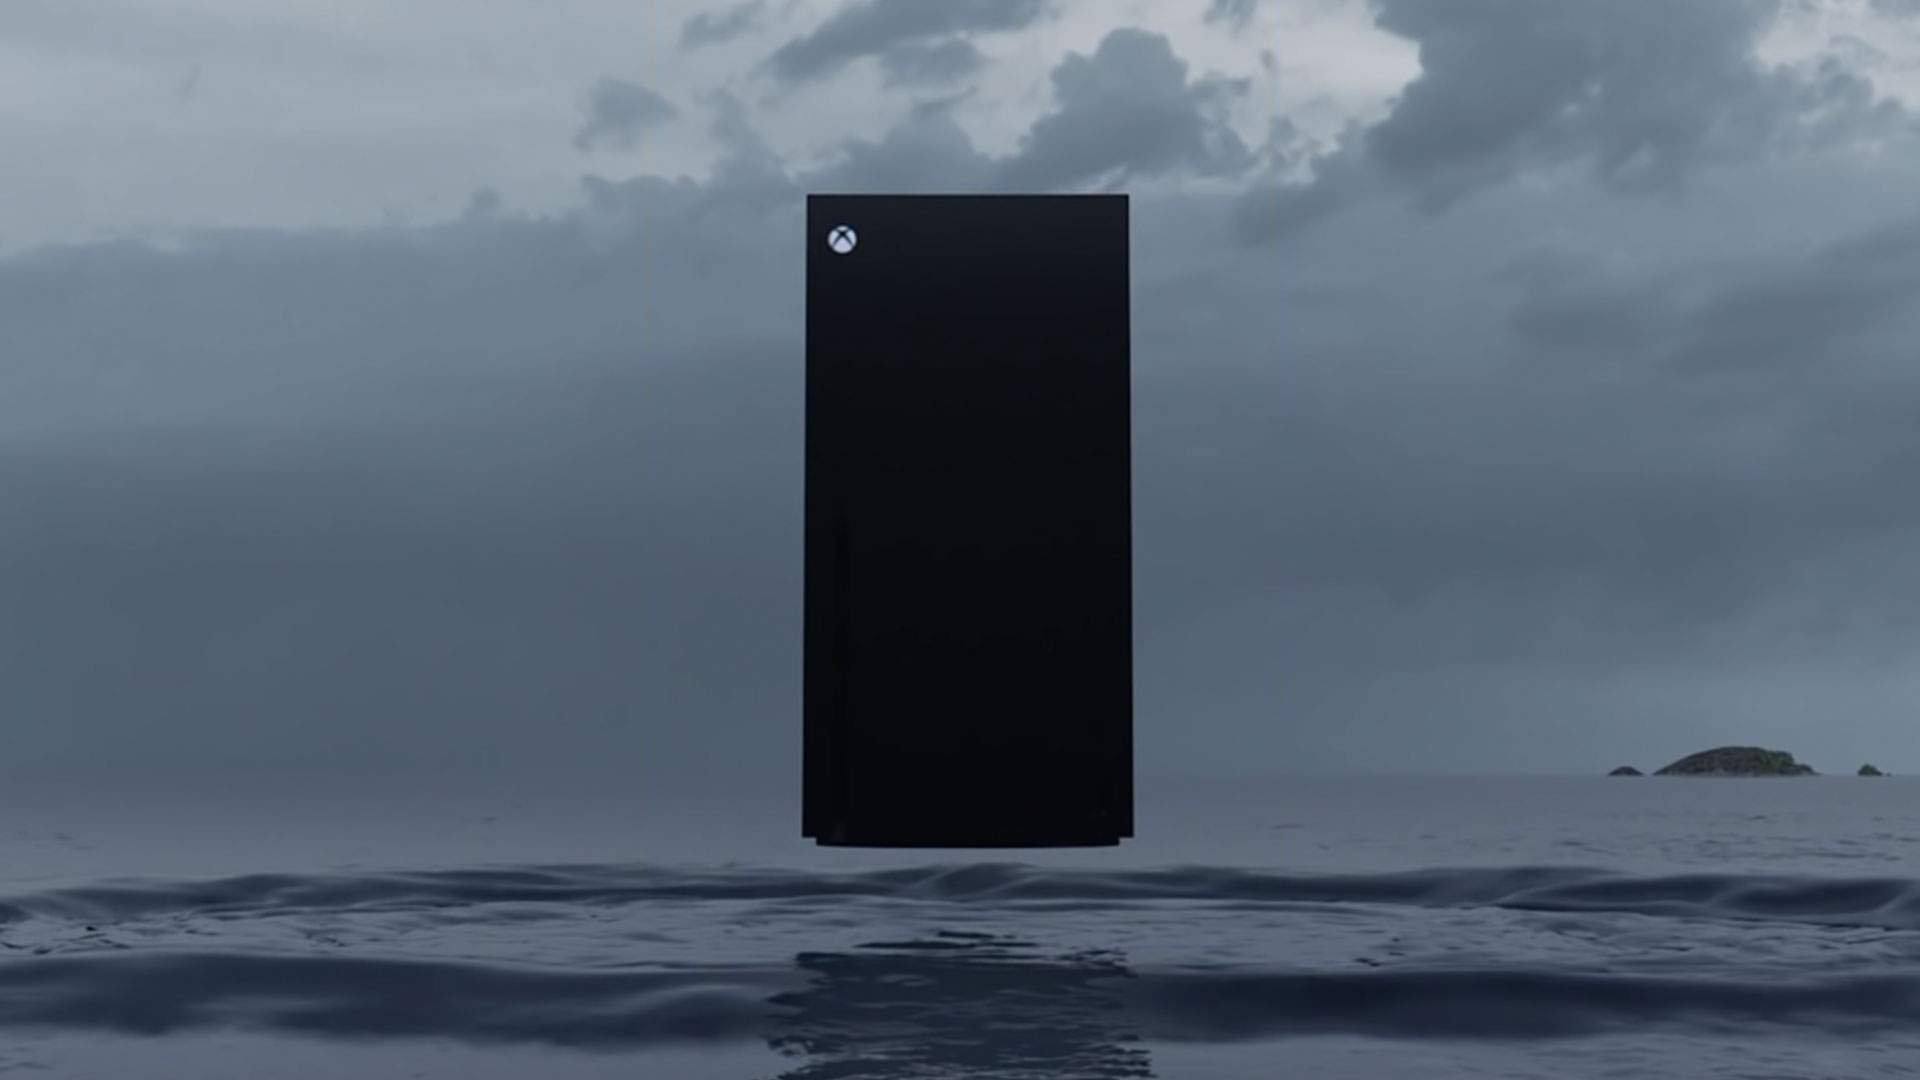 Novidades de jogos vindas do Xbox 20/20